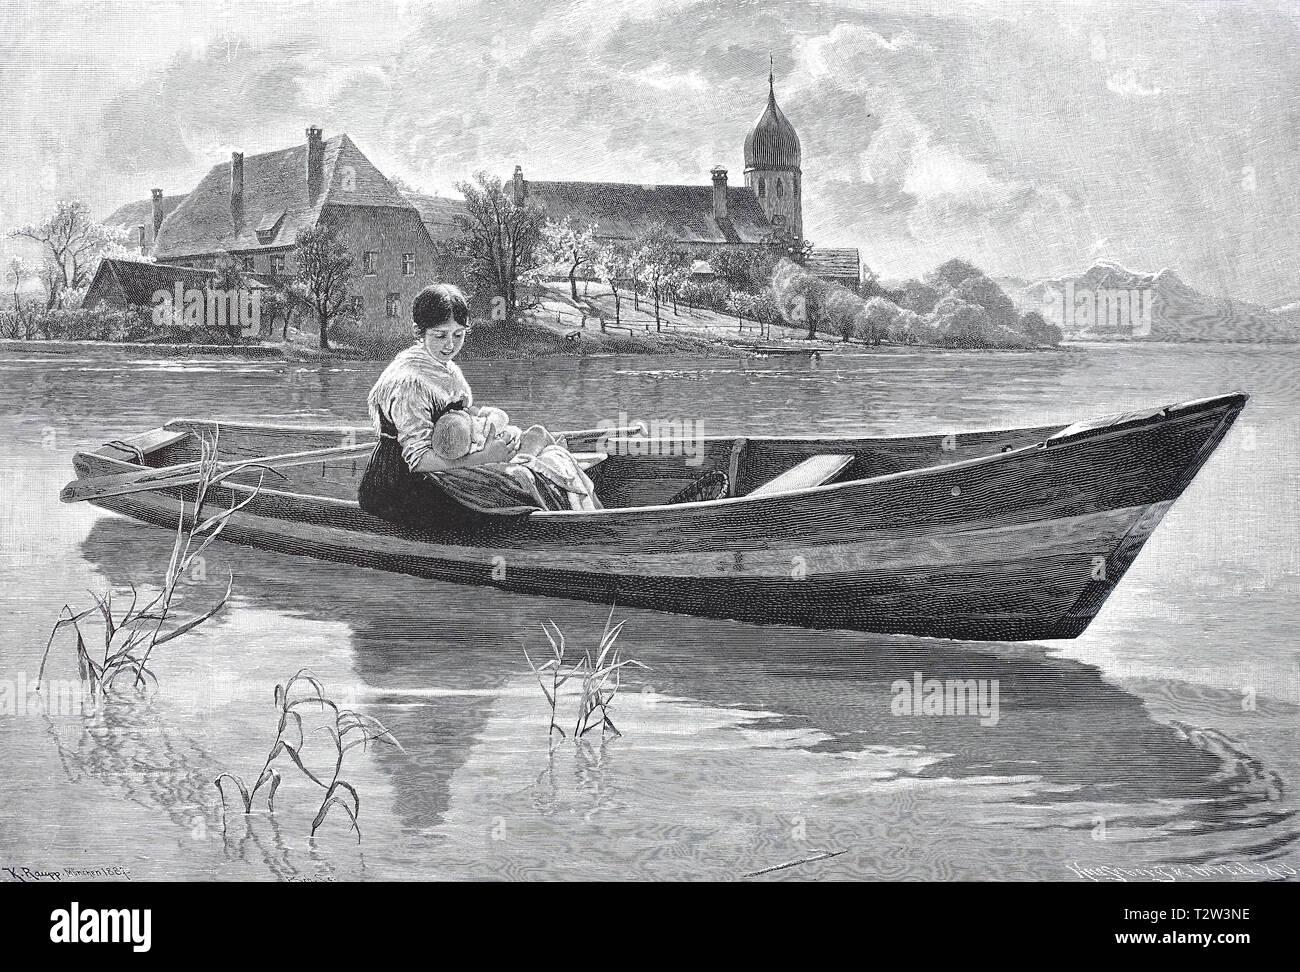 Peaceful mood in Lake Chiem, in a small boat sits a woman in the holiday dress and holds her baby in the arm, Friedliche Stimmung am Chiemsee, In einem Kahn sitzt eine Frau im Feiertagskleid und hält ihr Baby im Arm - Stock Image